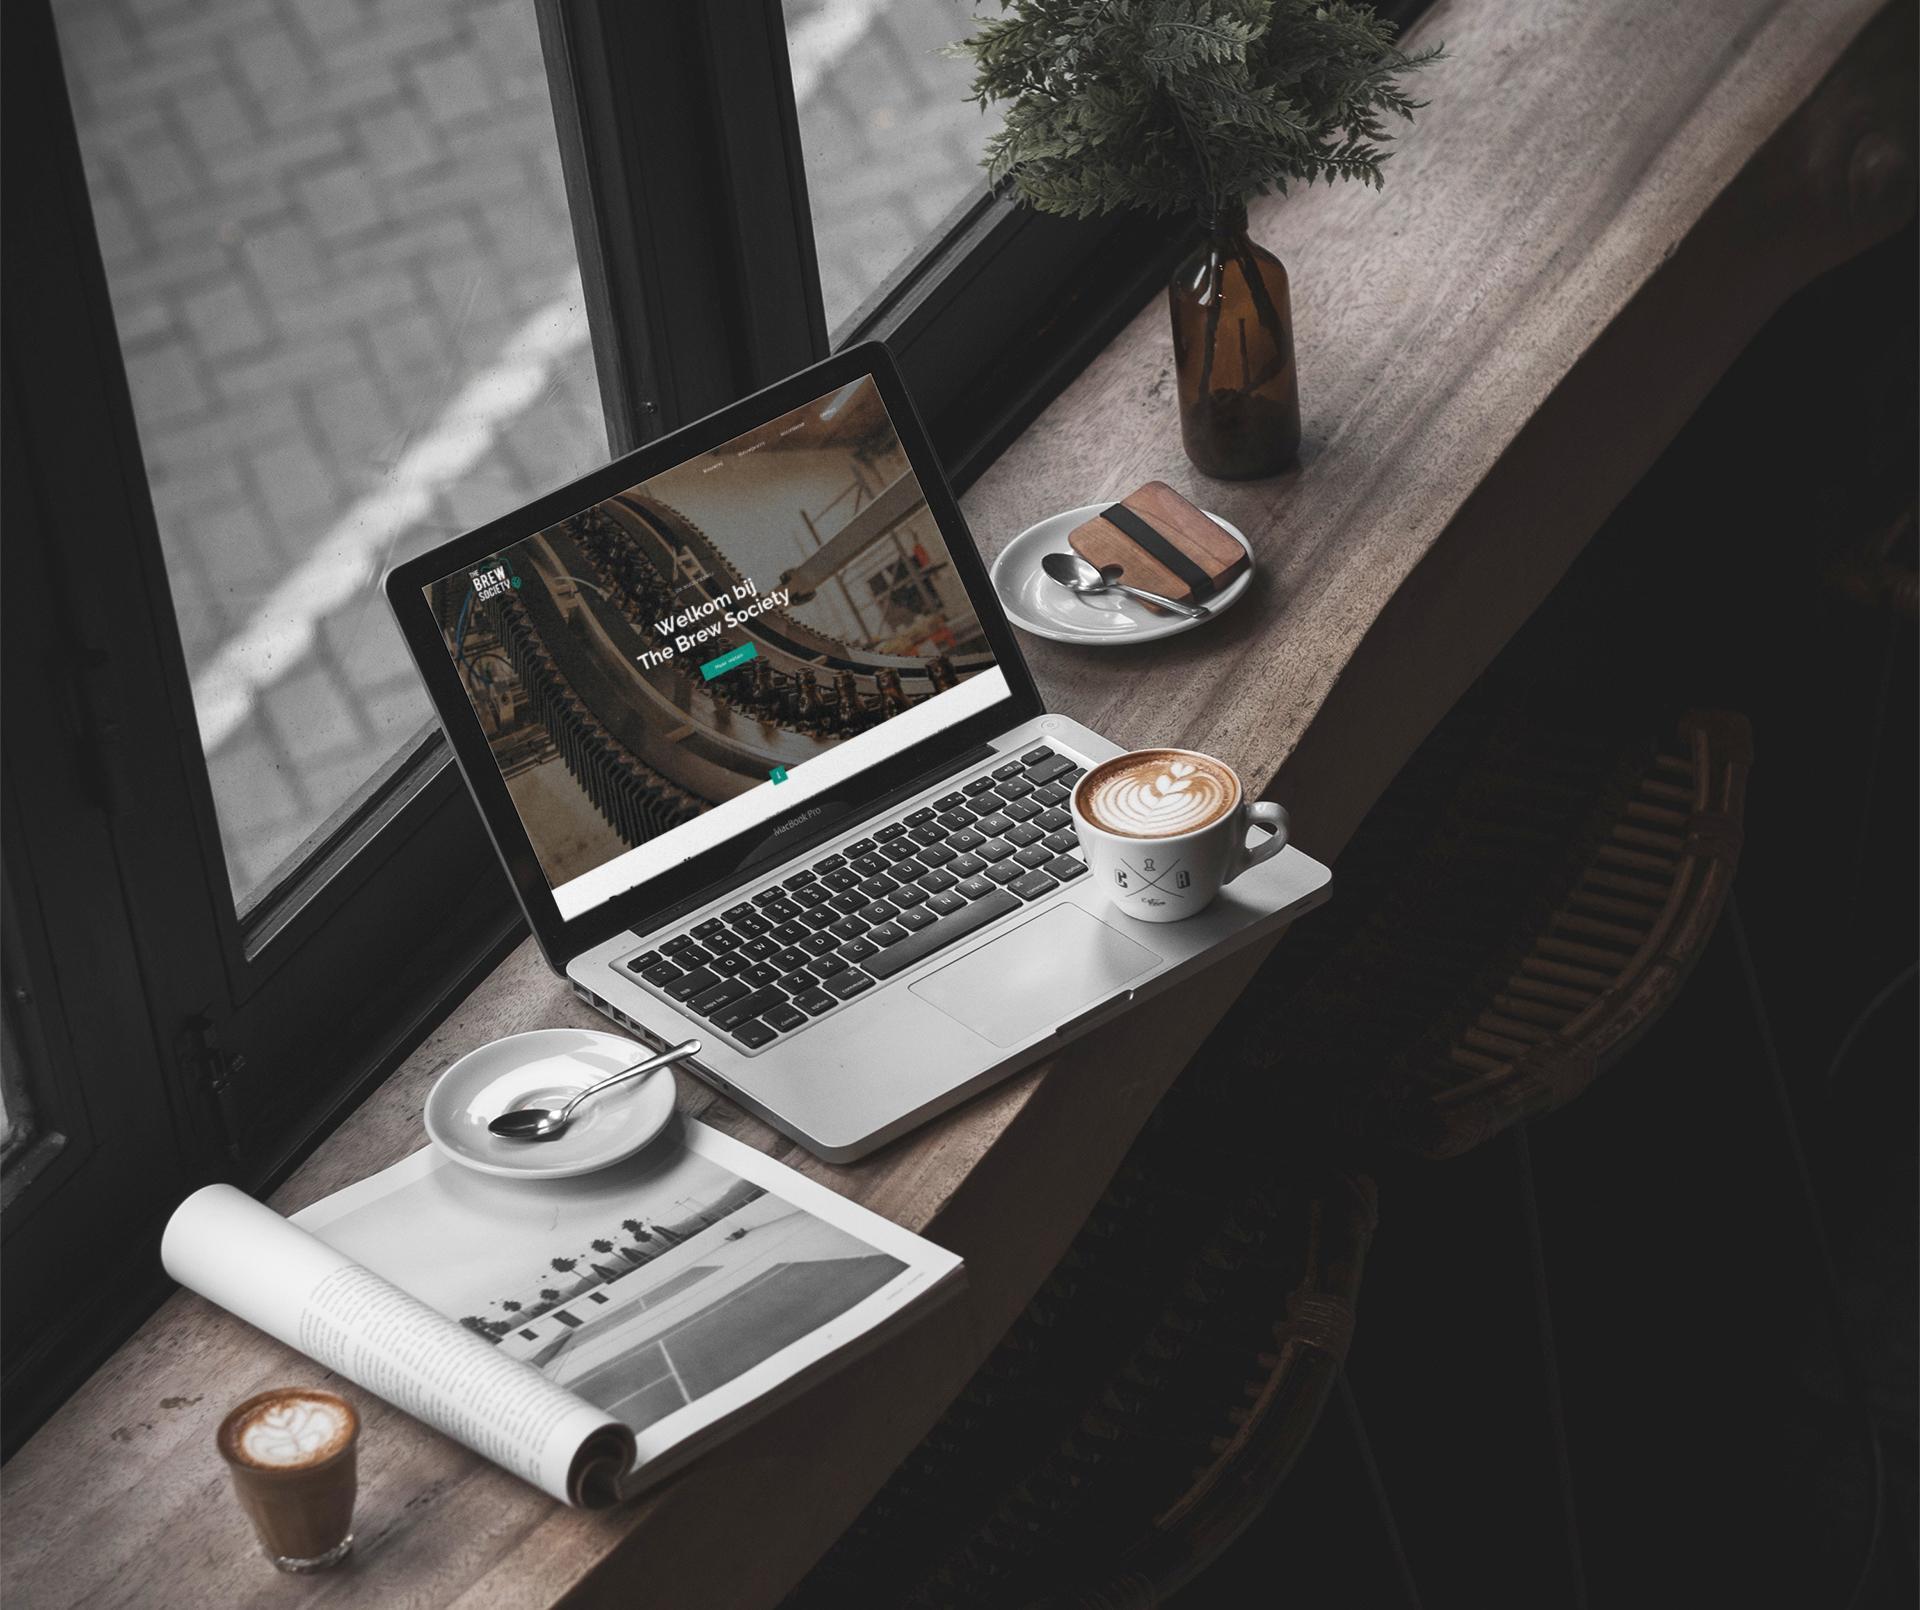 Website design all-round creatief bureau Easybranding uit Kortrijk